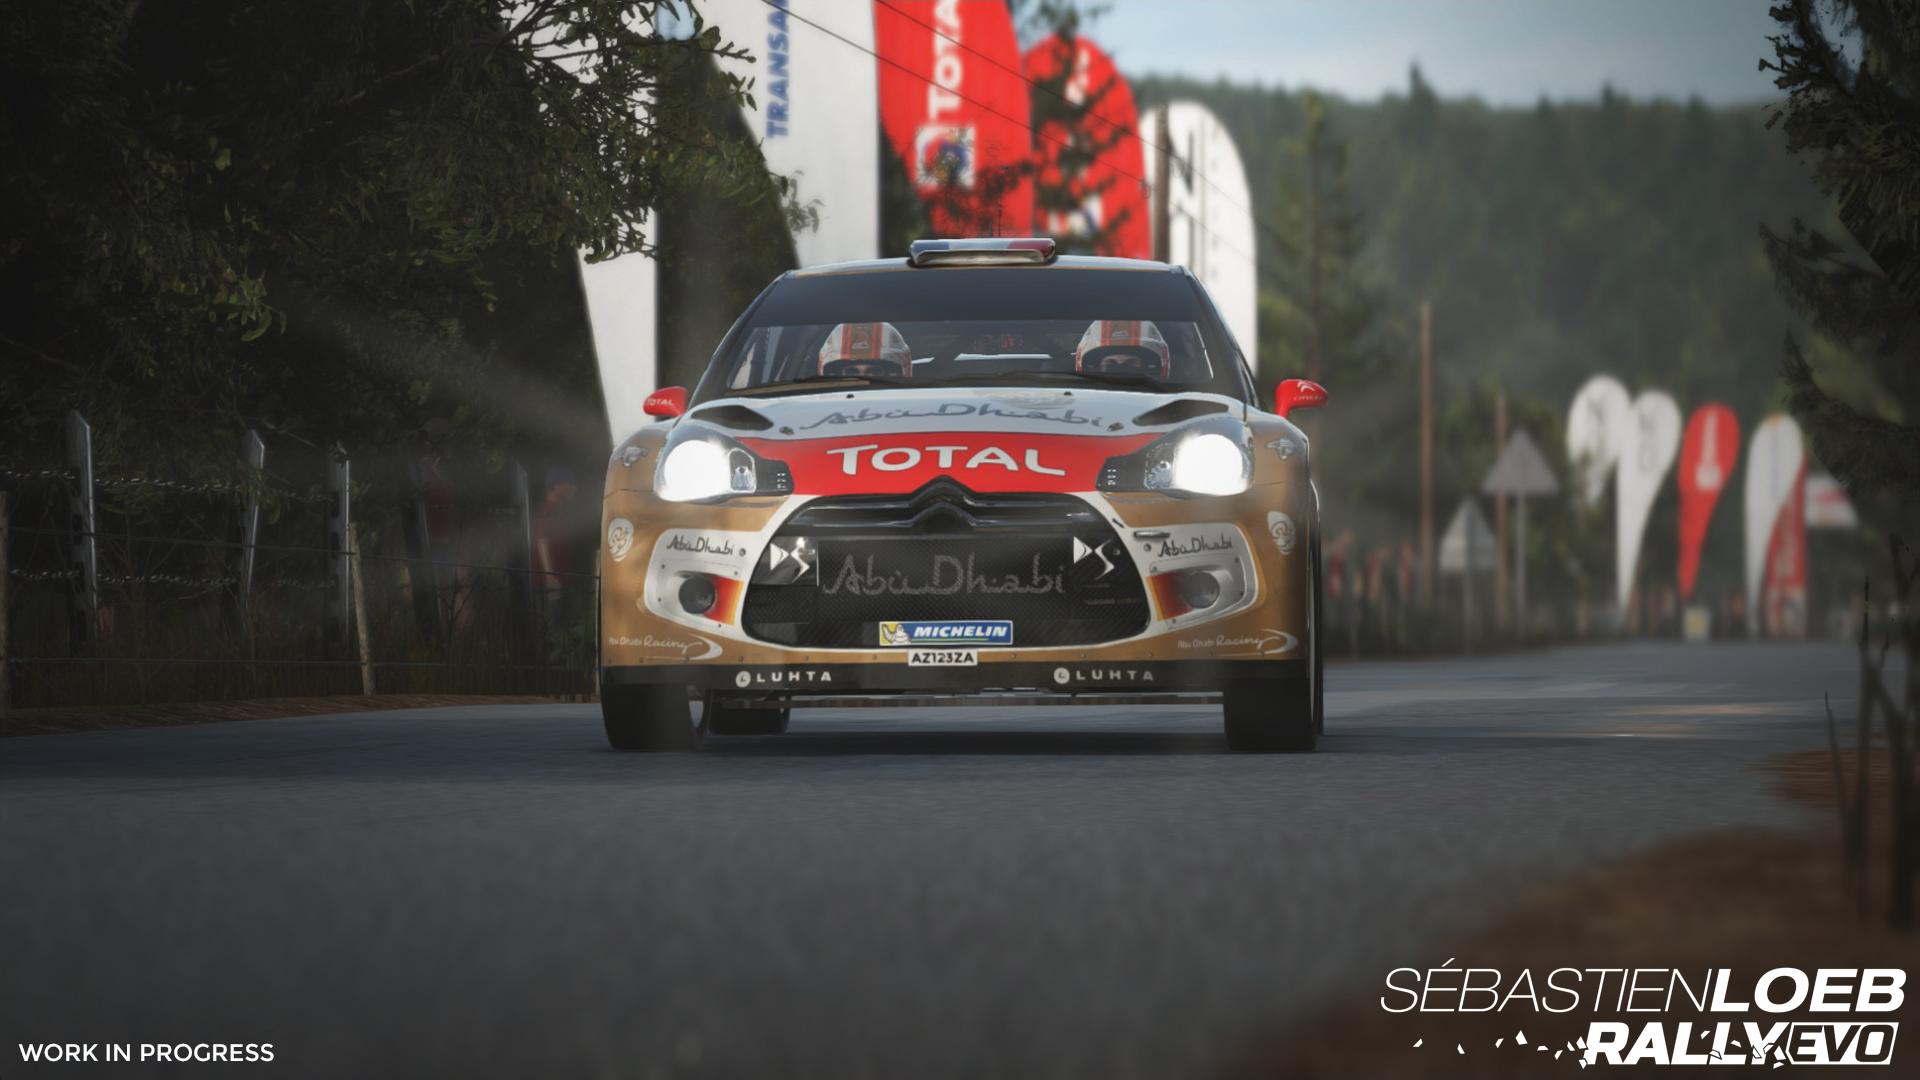 Sebastien Loeb Rally Evo 5